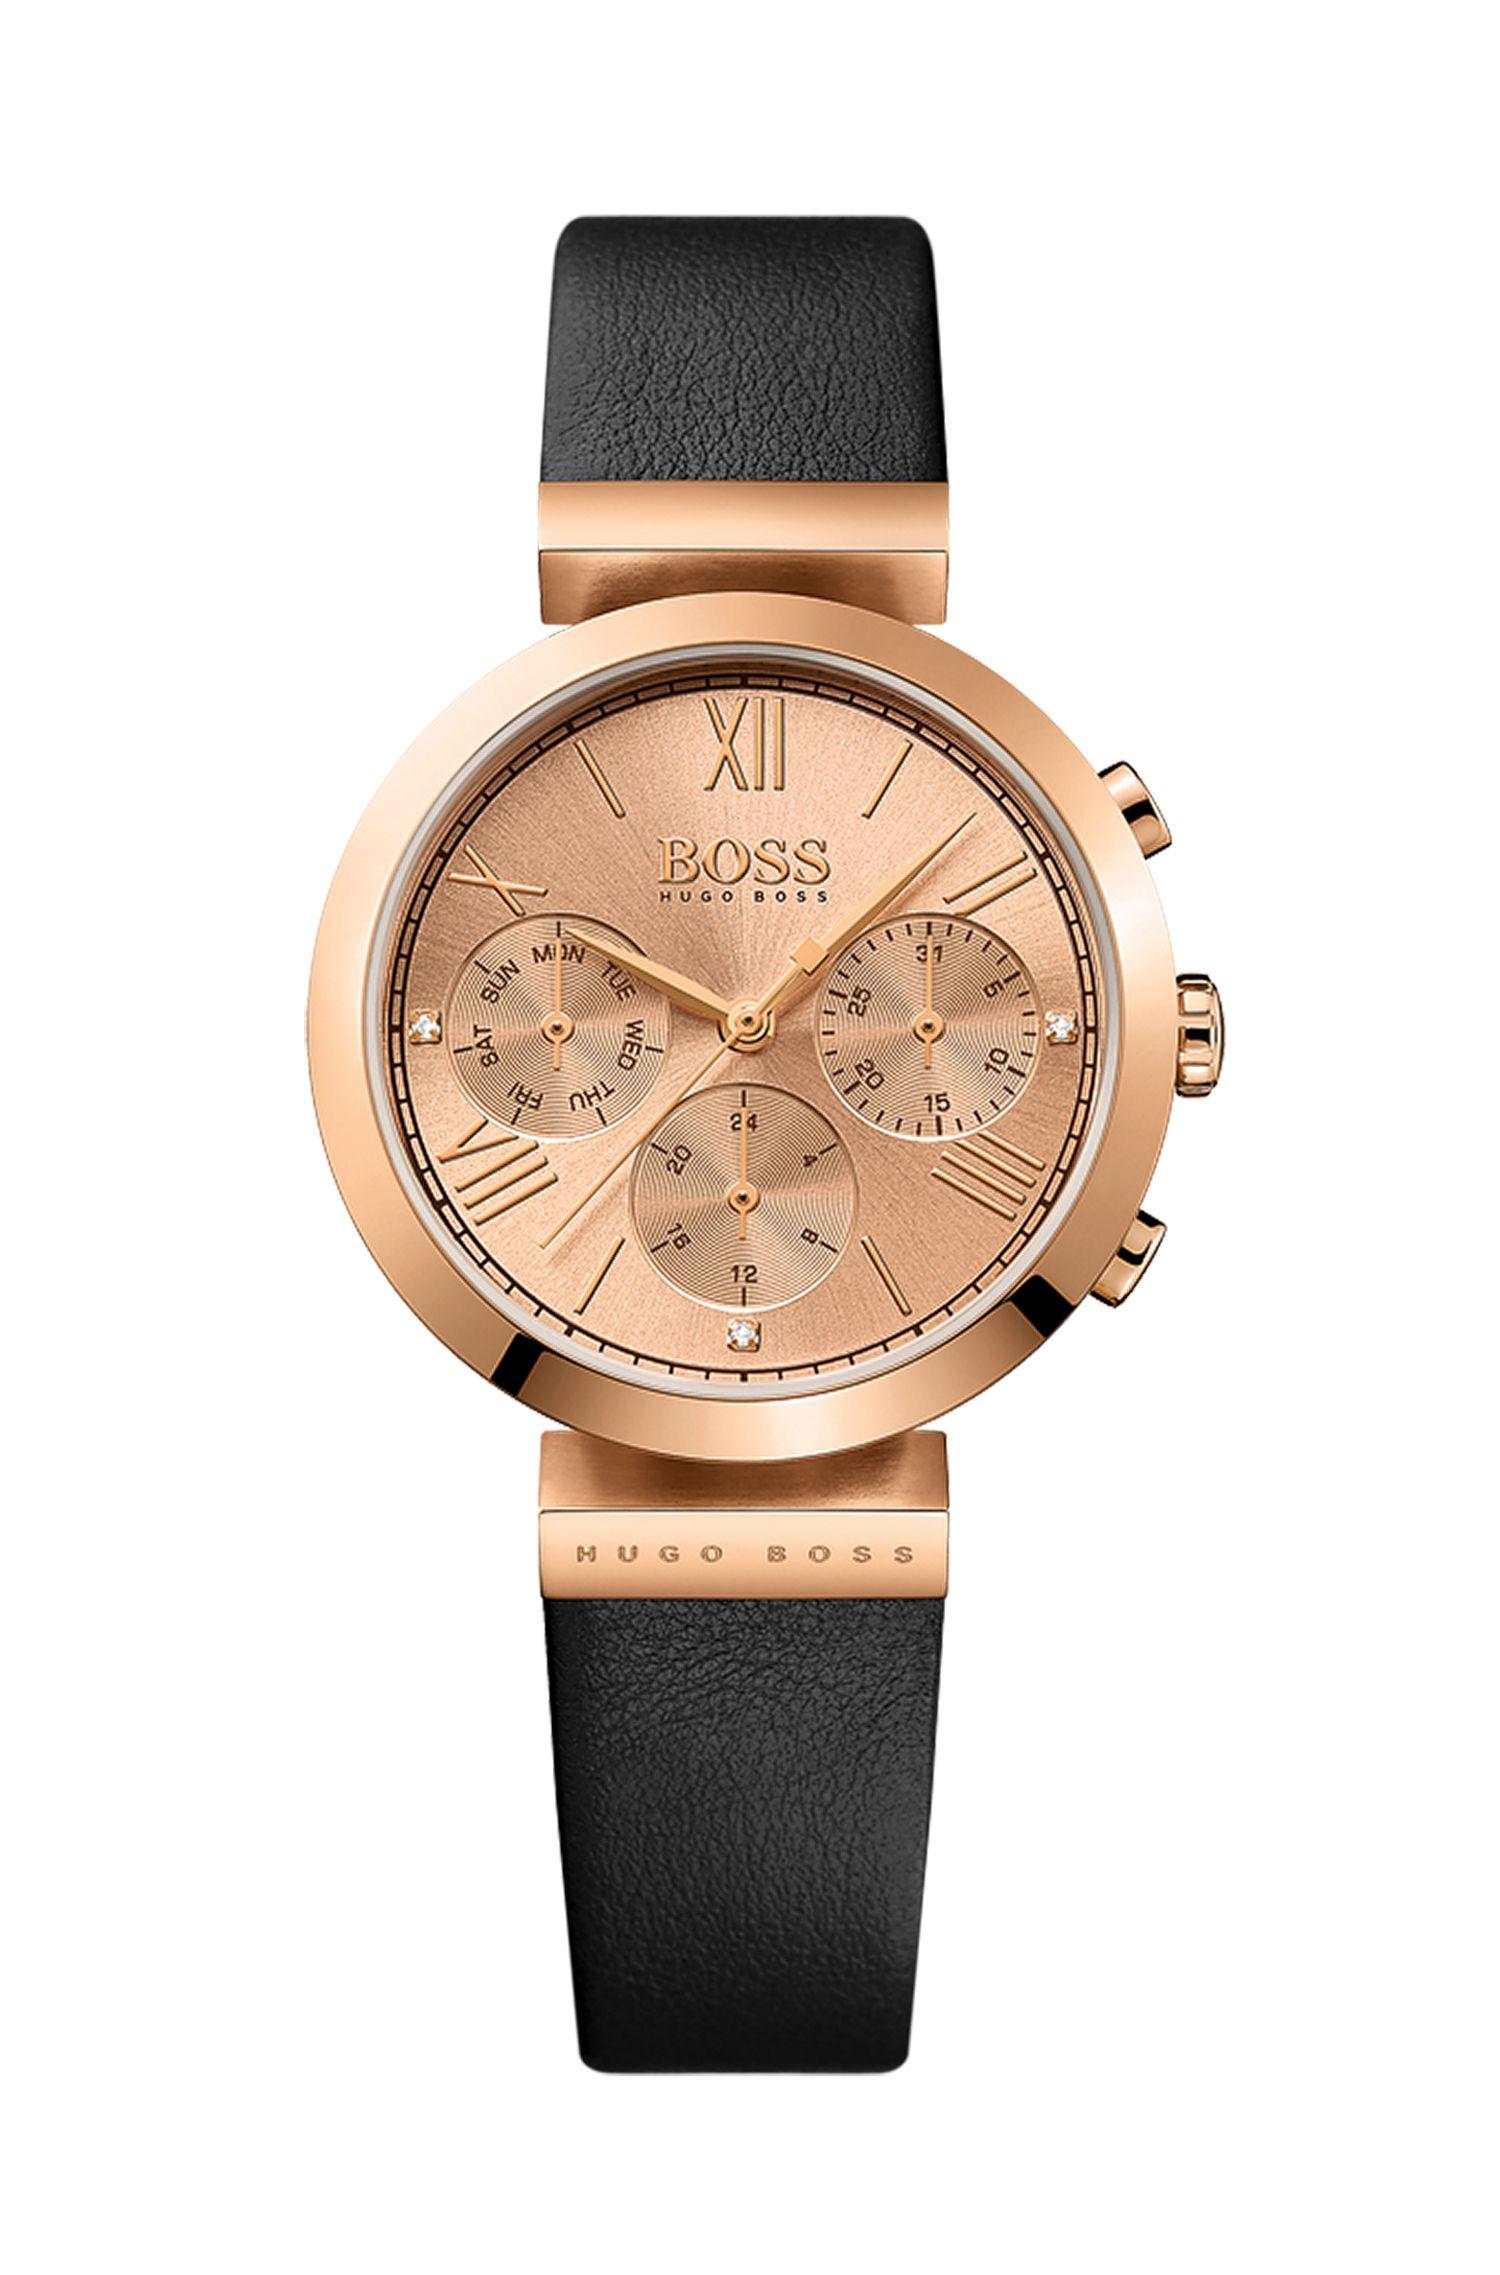 Horloge met roségoudcoating, drie wijzers en een polsband van reliëfleer